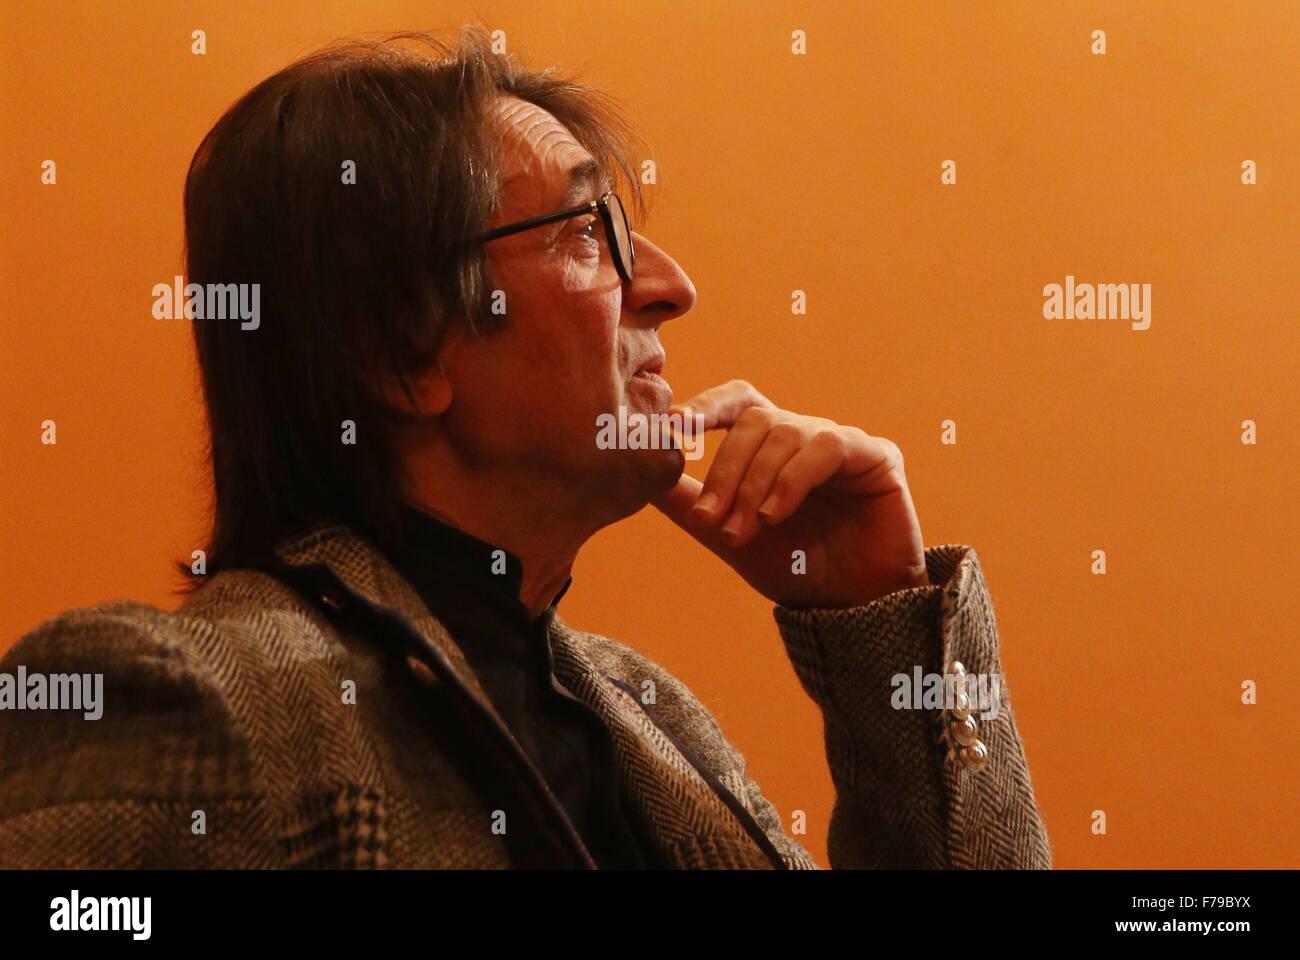 Moskau, Russland. 26. November 2015. Russischer Dirigent, Geiger und Bratschist Yuri Bashmet besucht die Eröffnung Stockbild